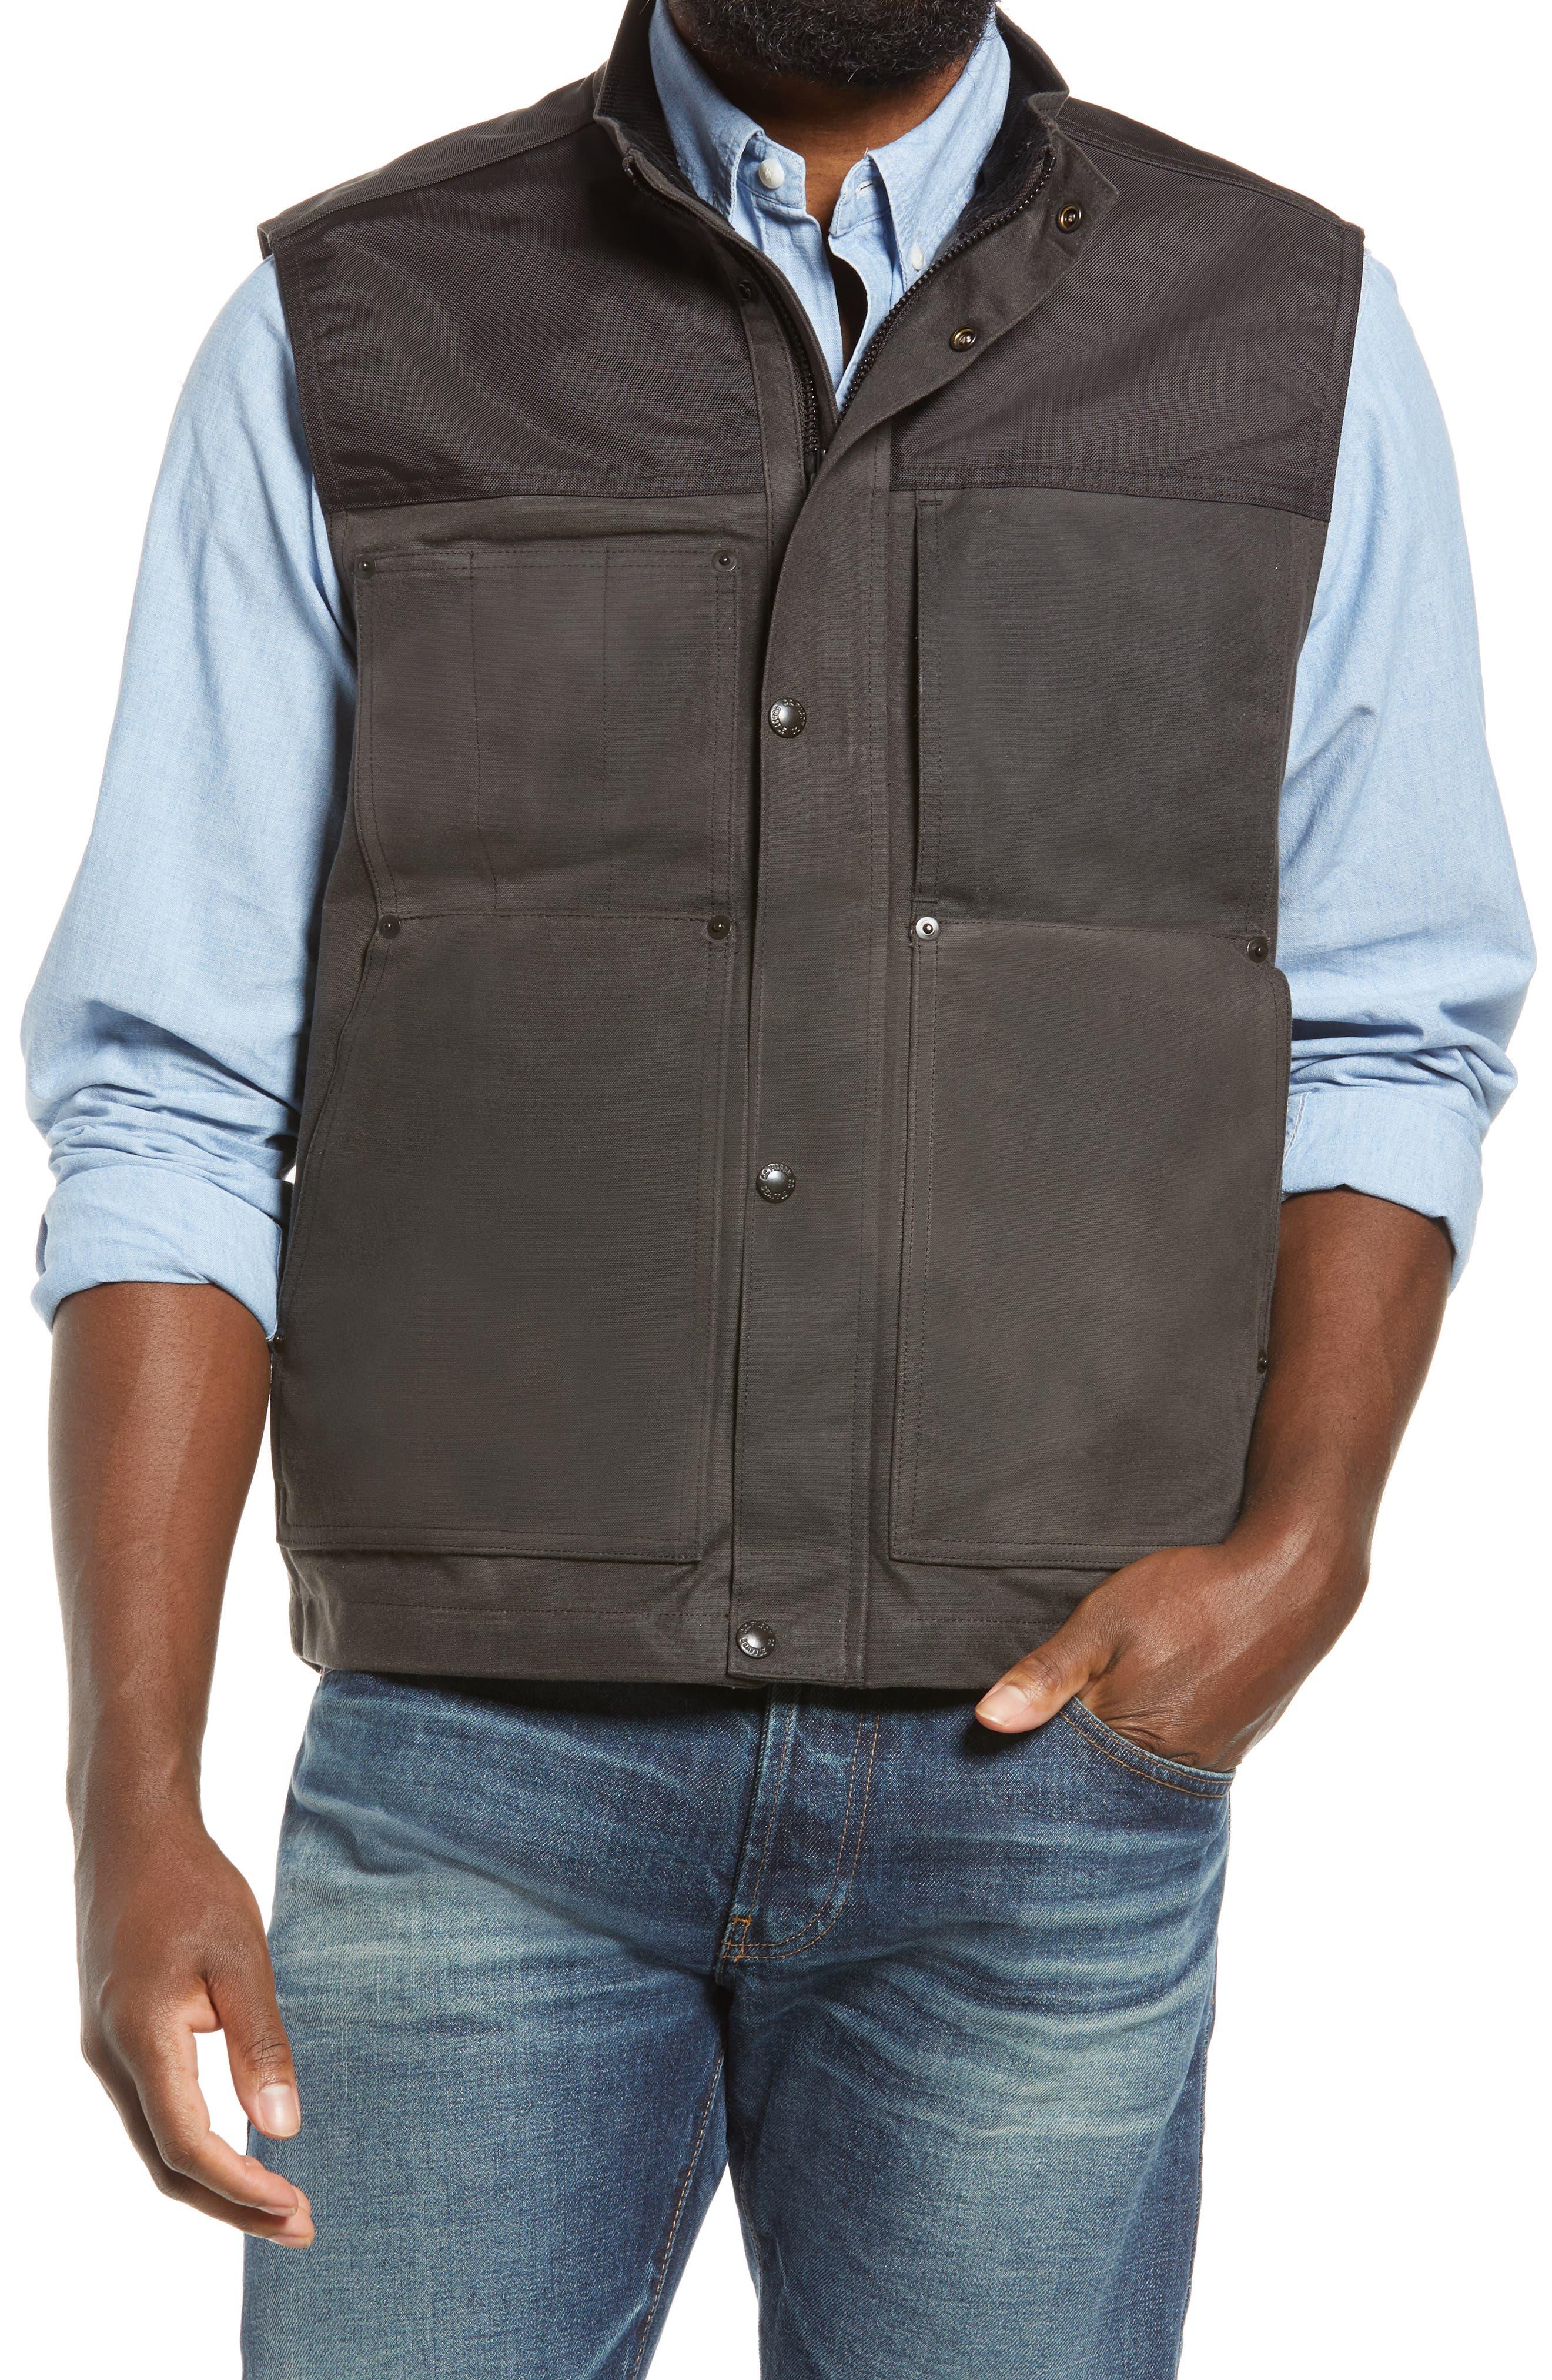 Alcan Waxed Cotton Vest